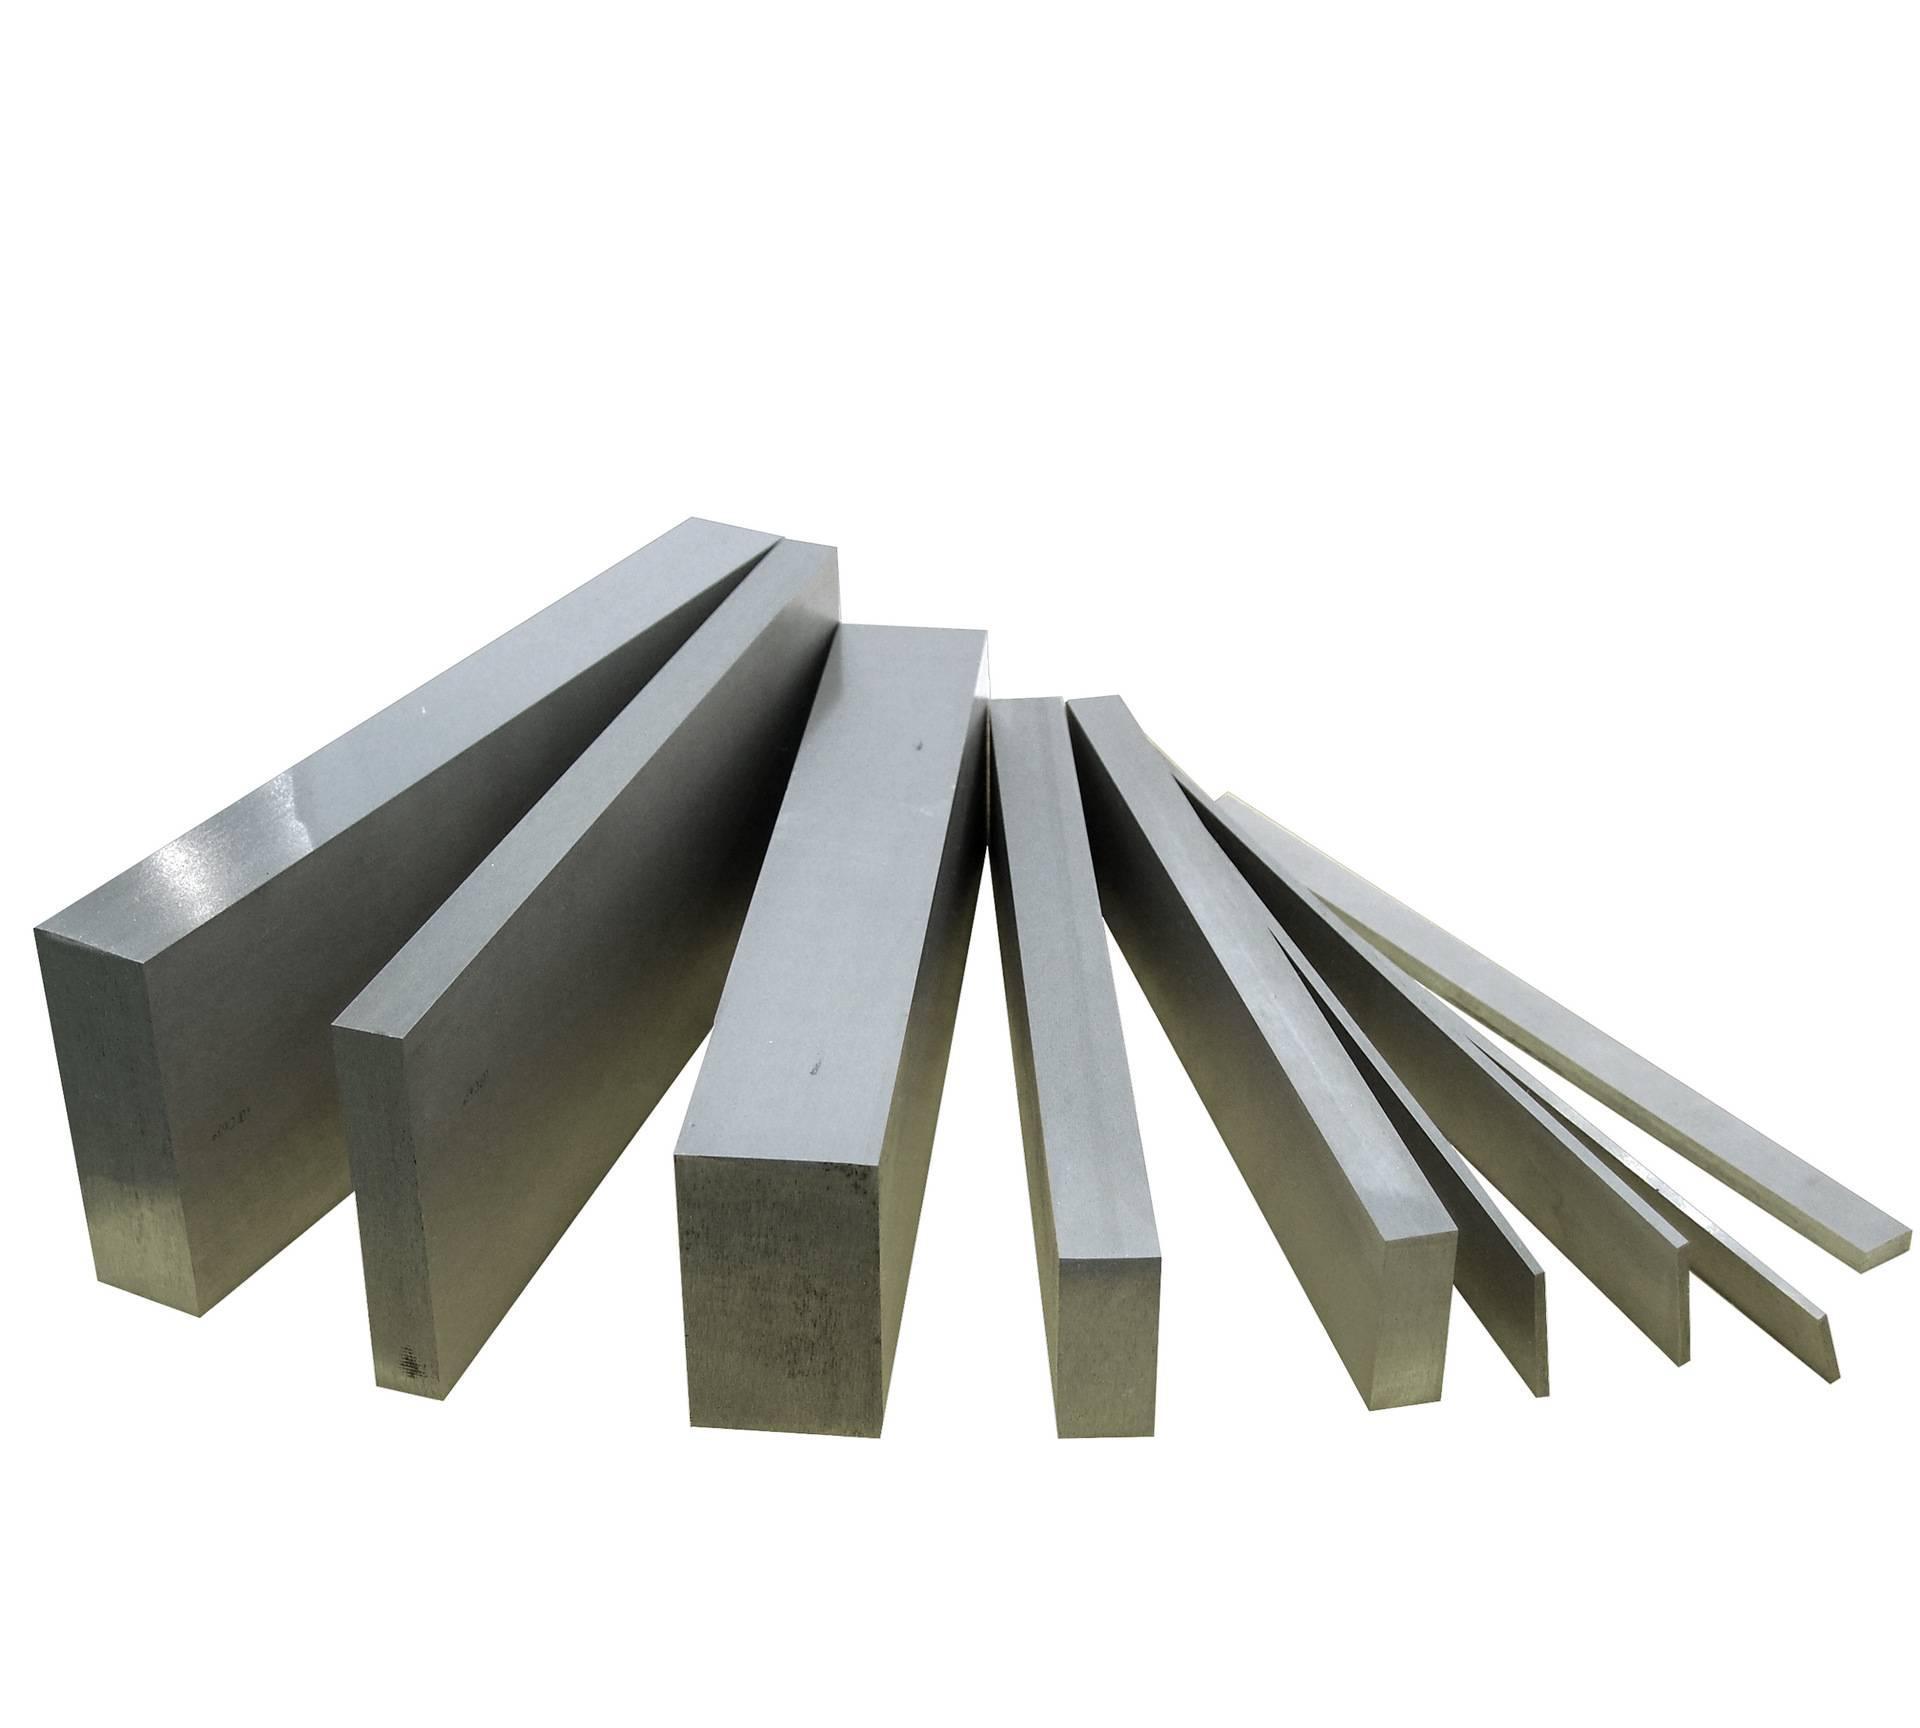 压铸结构件对模具钢的工艺有什么要求